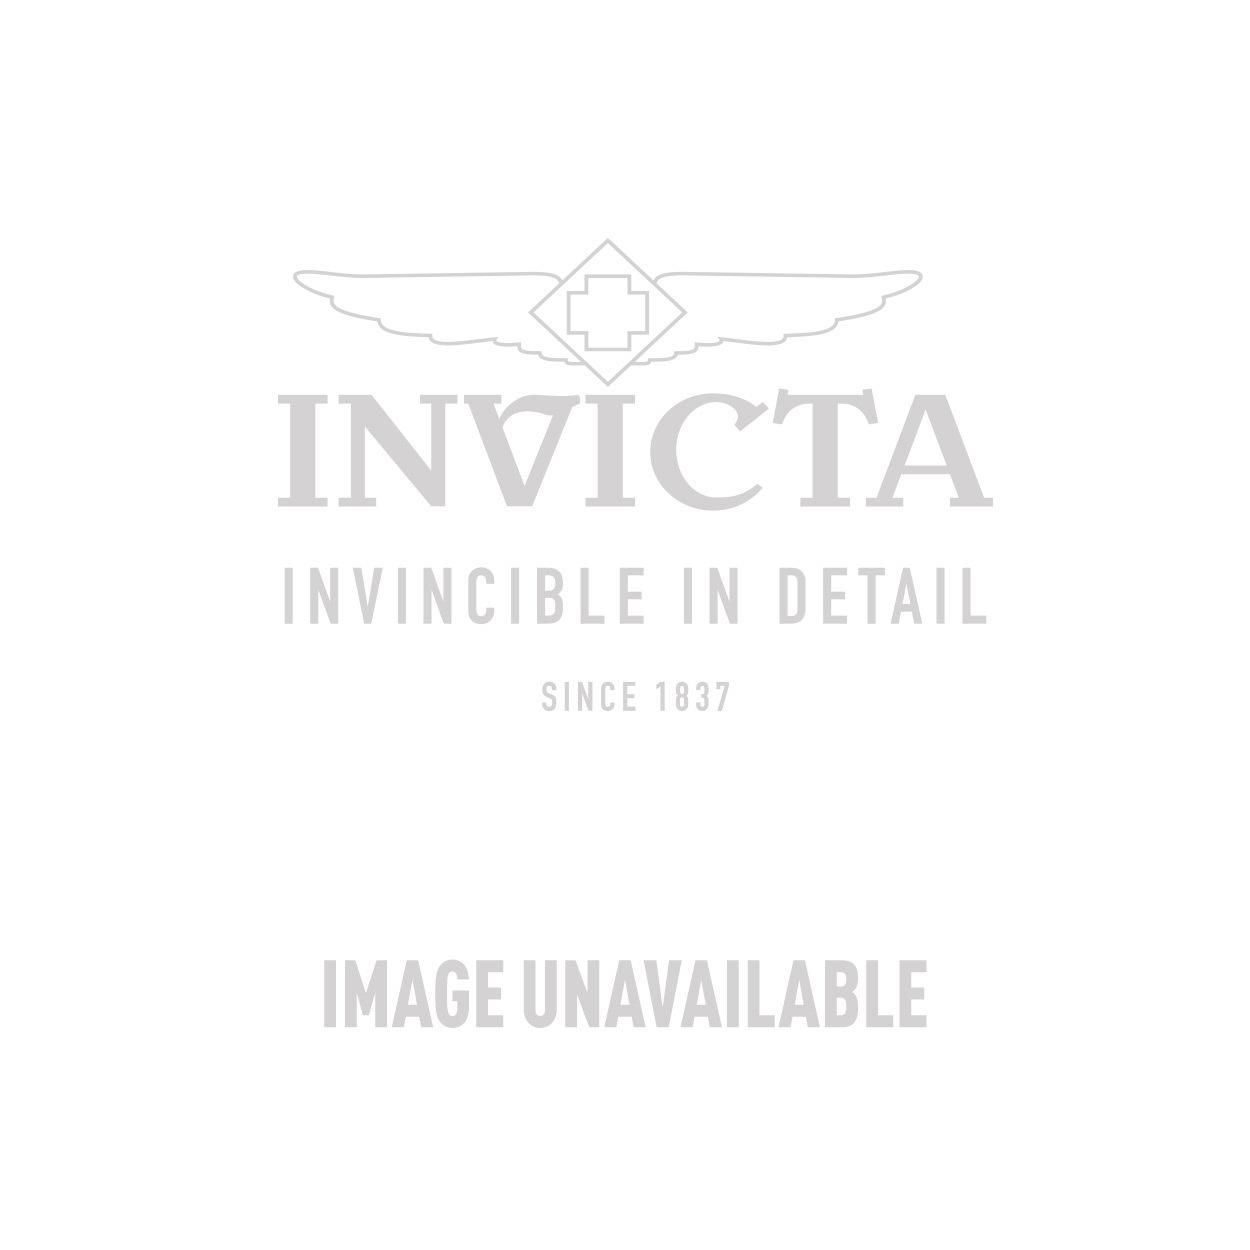 Invicta Model 24472